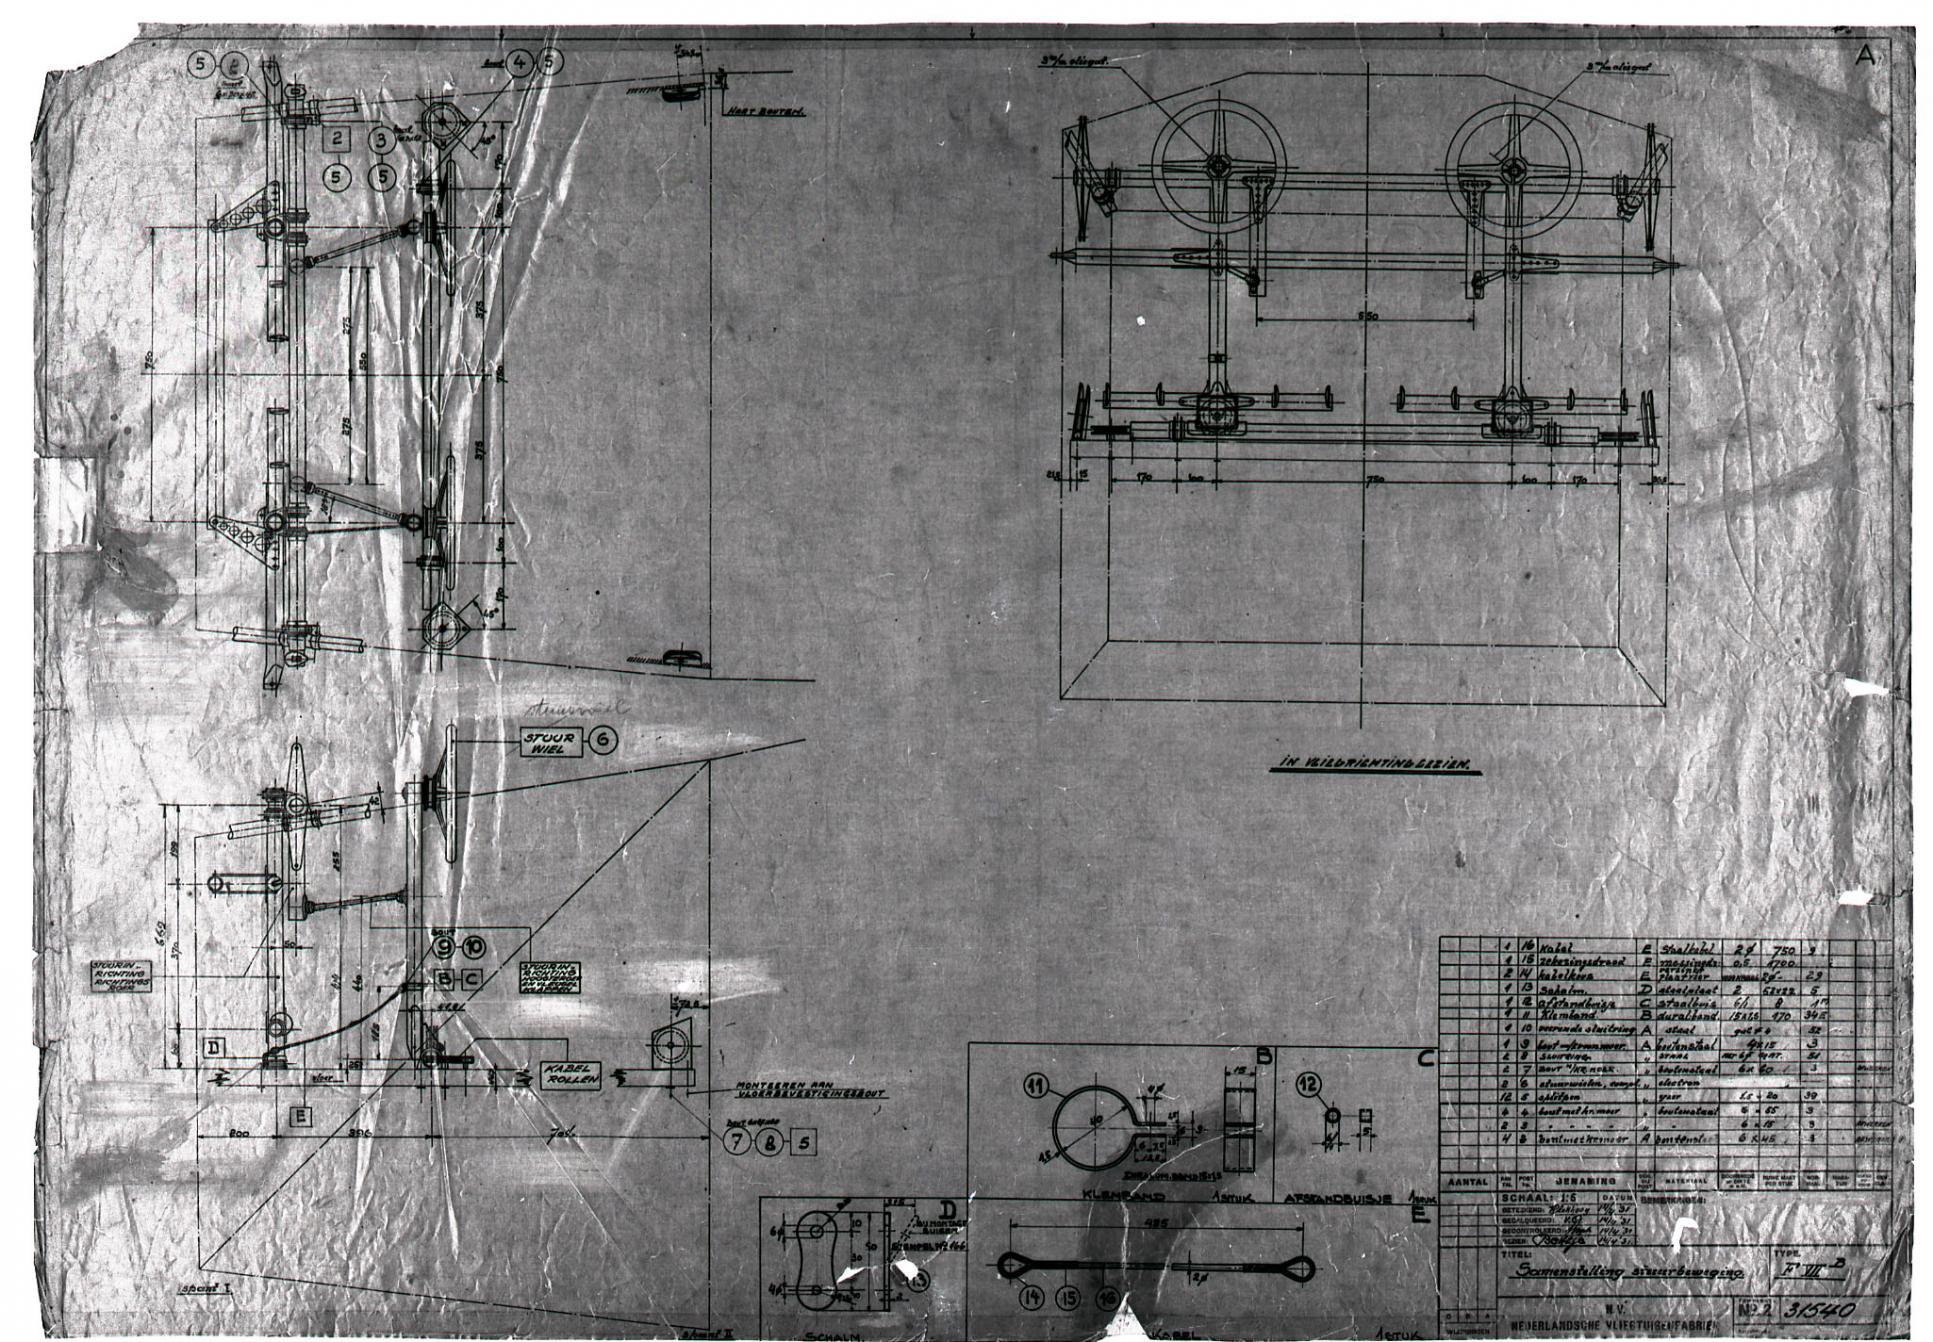 Naam: Fokker F7b stuurbeweging.jpg Bekeken: 326 Grootte: 491,9 KB